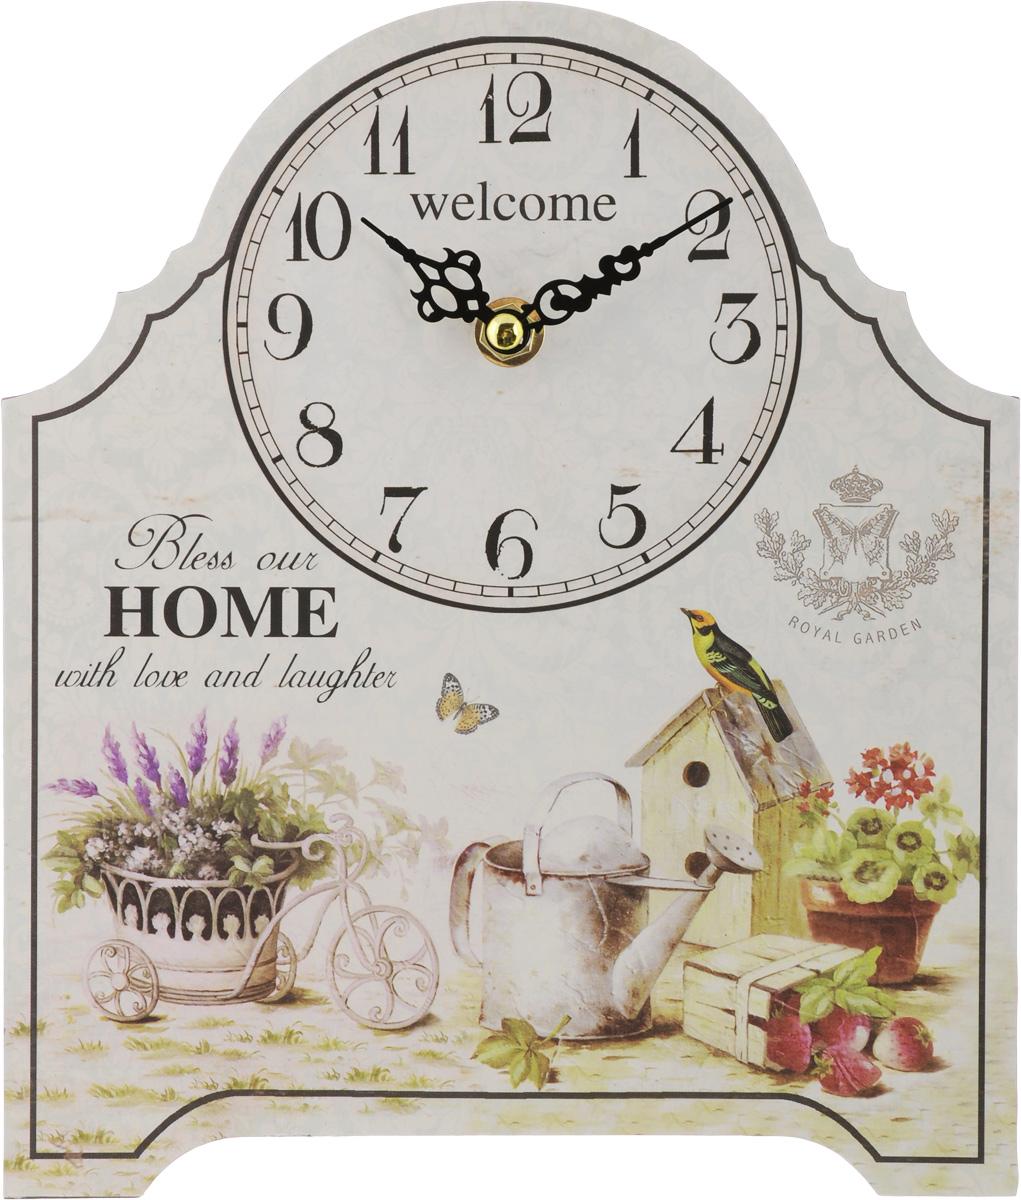 Часы настольные Феникс-Презент Королевский сад, 20 х 24 см40723Настольные часы Феникс-Презент Королевский сад своим эксклюзивным дизайном подчеркнут оригинальность интерьера вашего дома. Часы выполнены из МДФ. МДФ (мелкодисперсные фракции) представляет собой плиту из запрессованной вакуумным способом деревянной пыли и является наиболее экологически чистым материалом среди себе подобных. Часы имеют две стрелки - часовую и минутную. Настольные часы Феникс-Презент Королевский сад подходят для кухни, гостиной, прихожей или дачи, а также могут стать отличным подарком для друзей и близких. ВНИМАНИЕ!!! Часы работают от сменной батареи типа АА 1,5V (в комплект не входит).